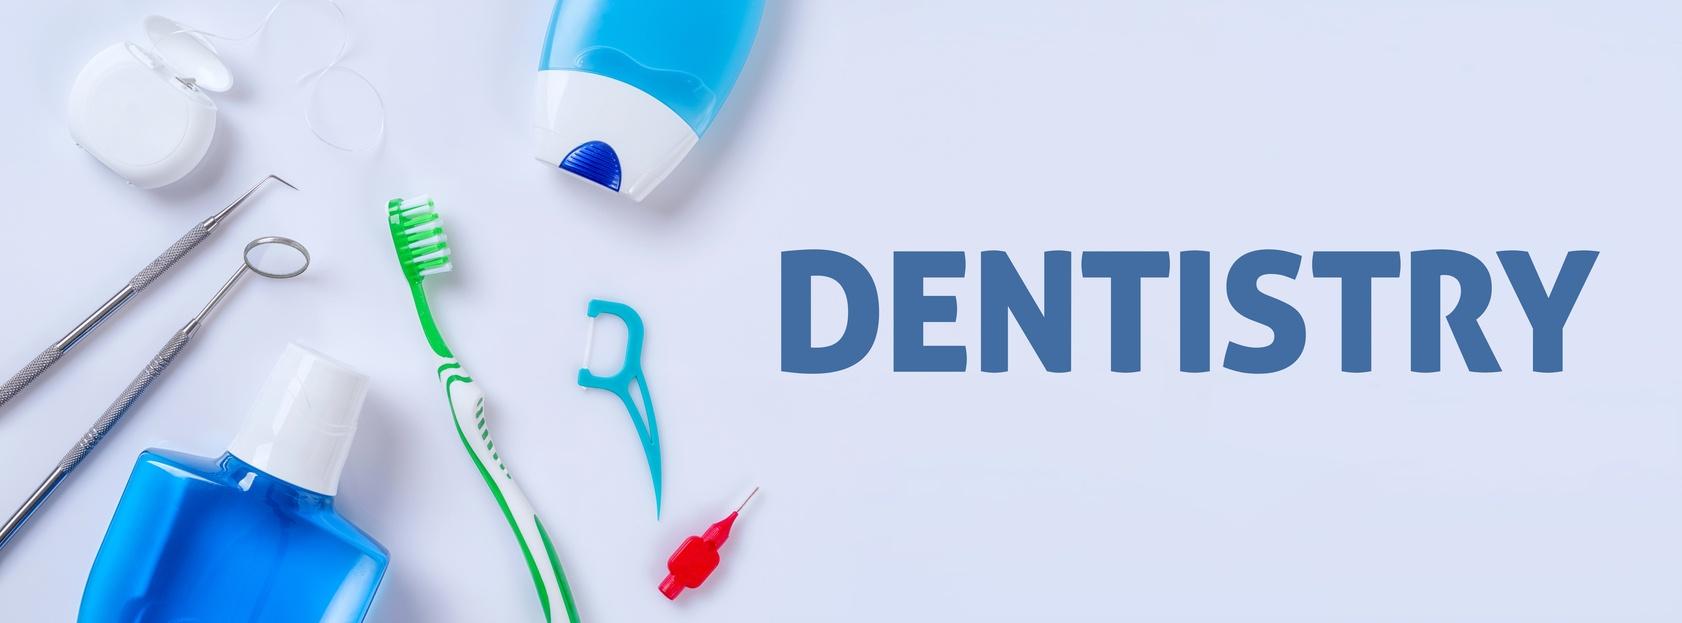 dentistry panoramic.jpg